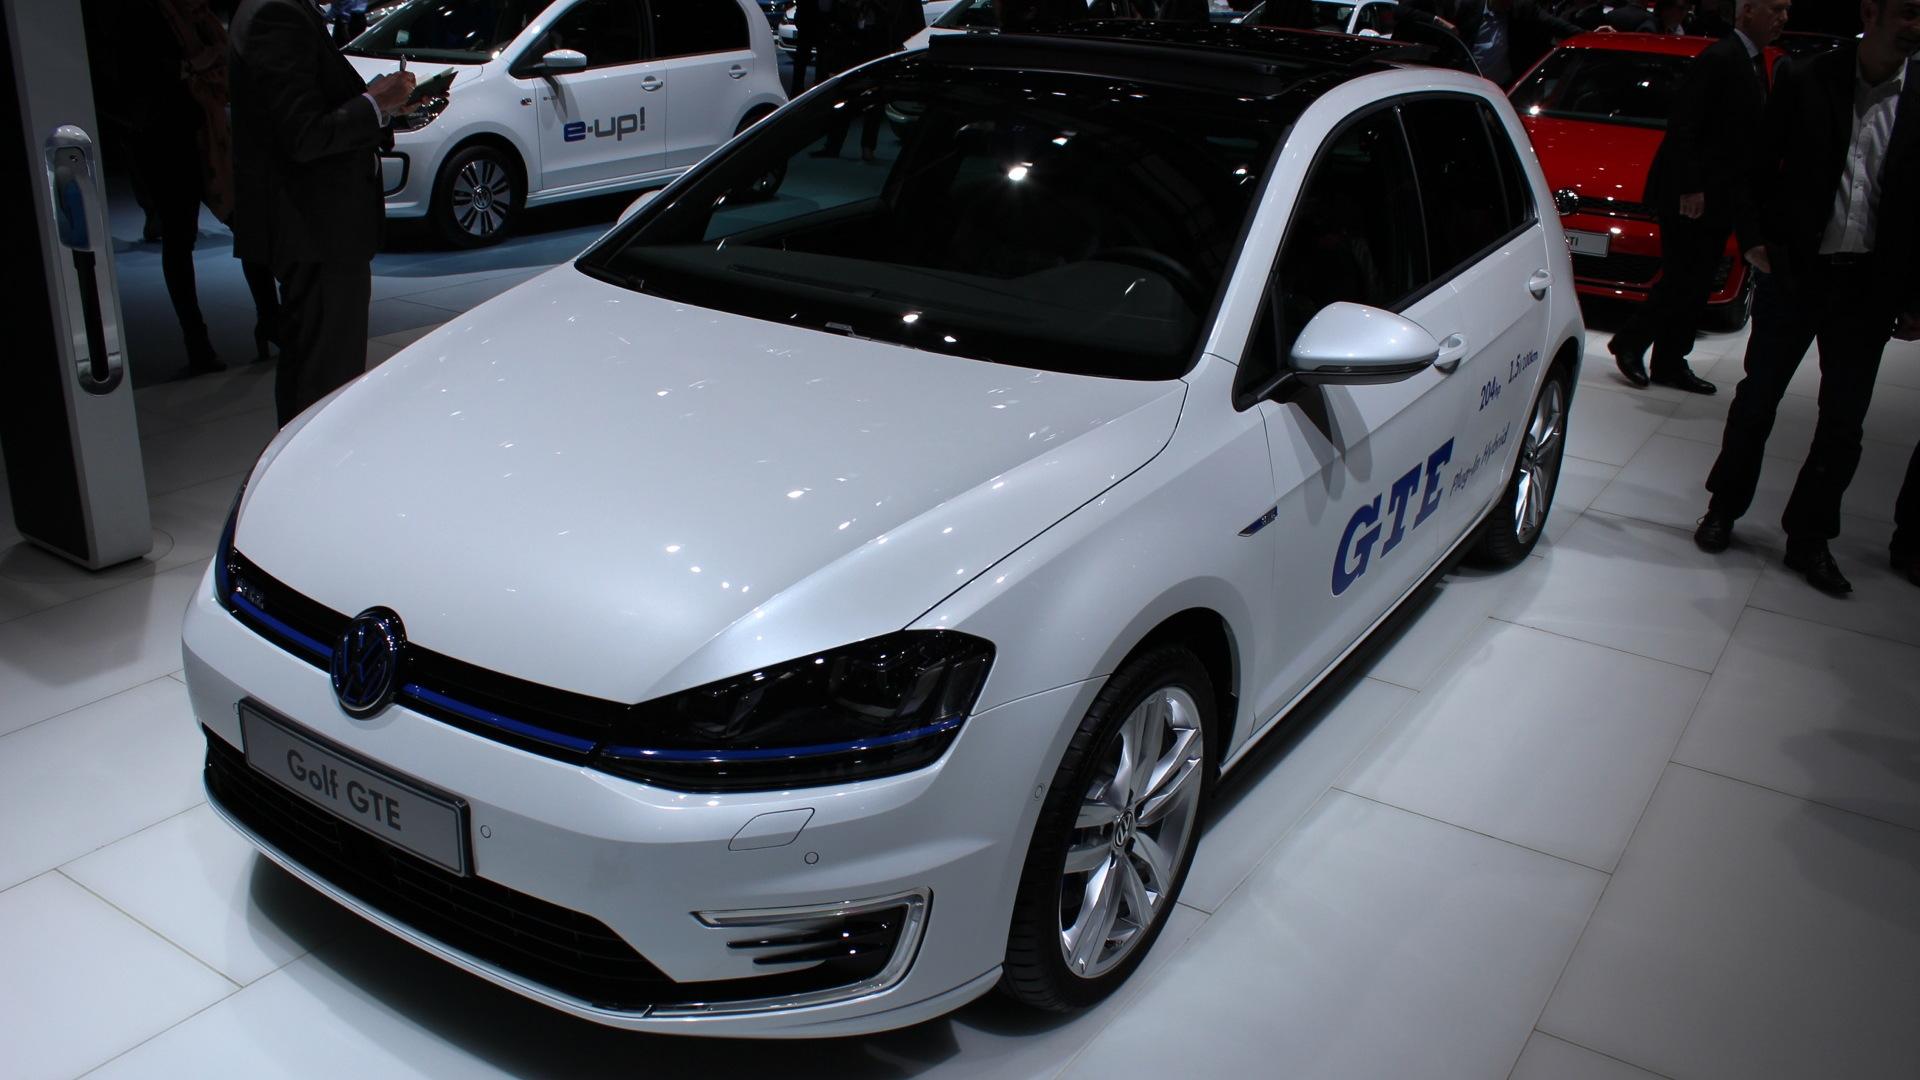 Volkswagen Golf GTE Plug-In Hybrid  -  2014 Geneva Auto Show live photos